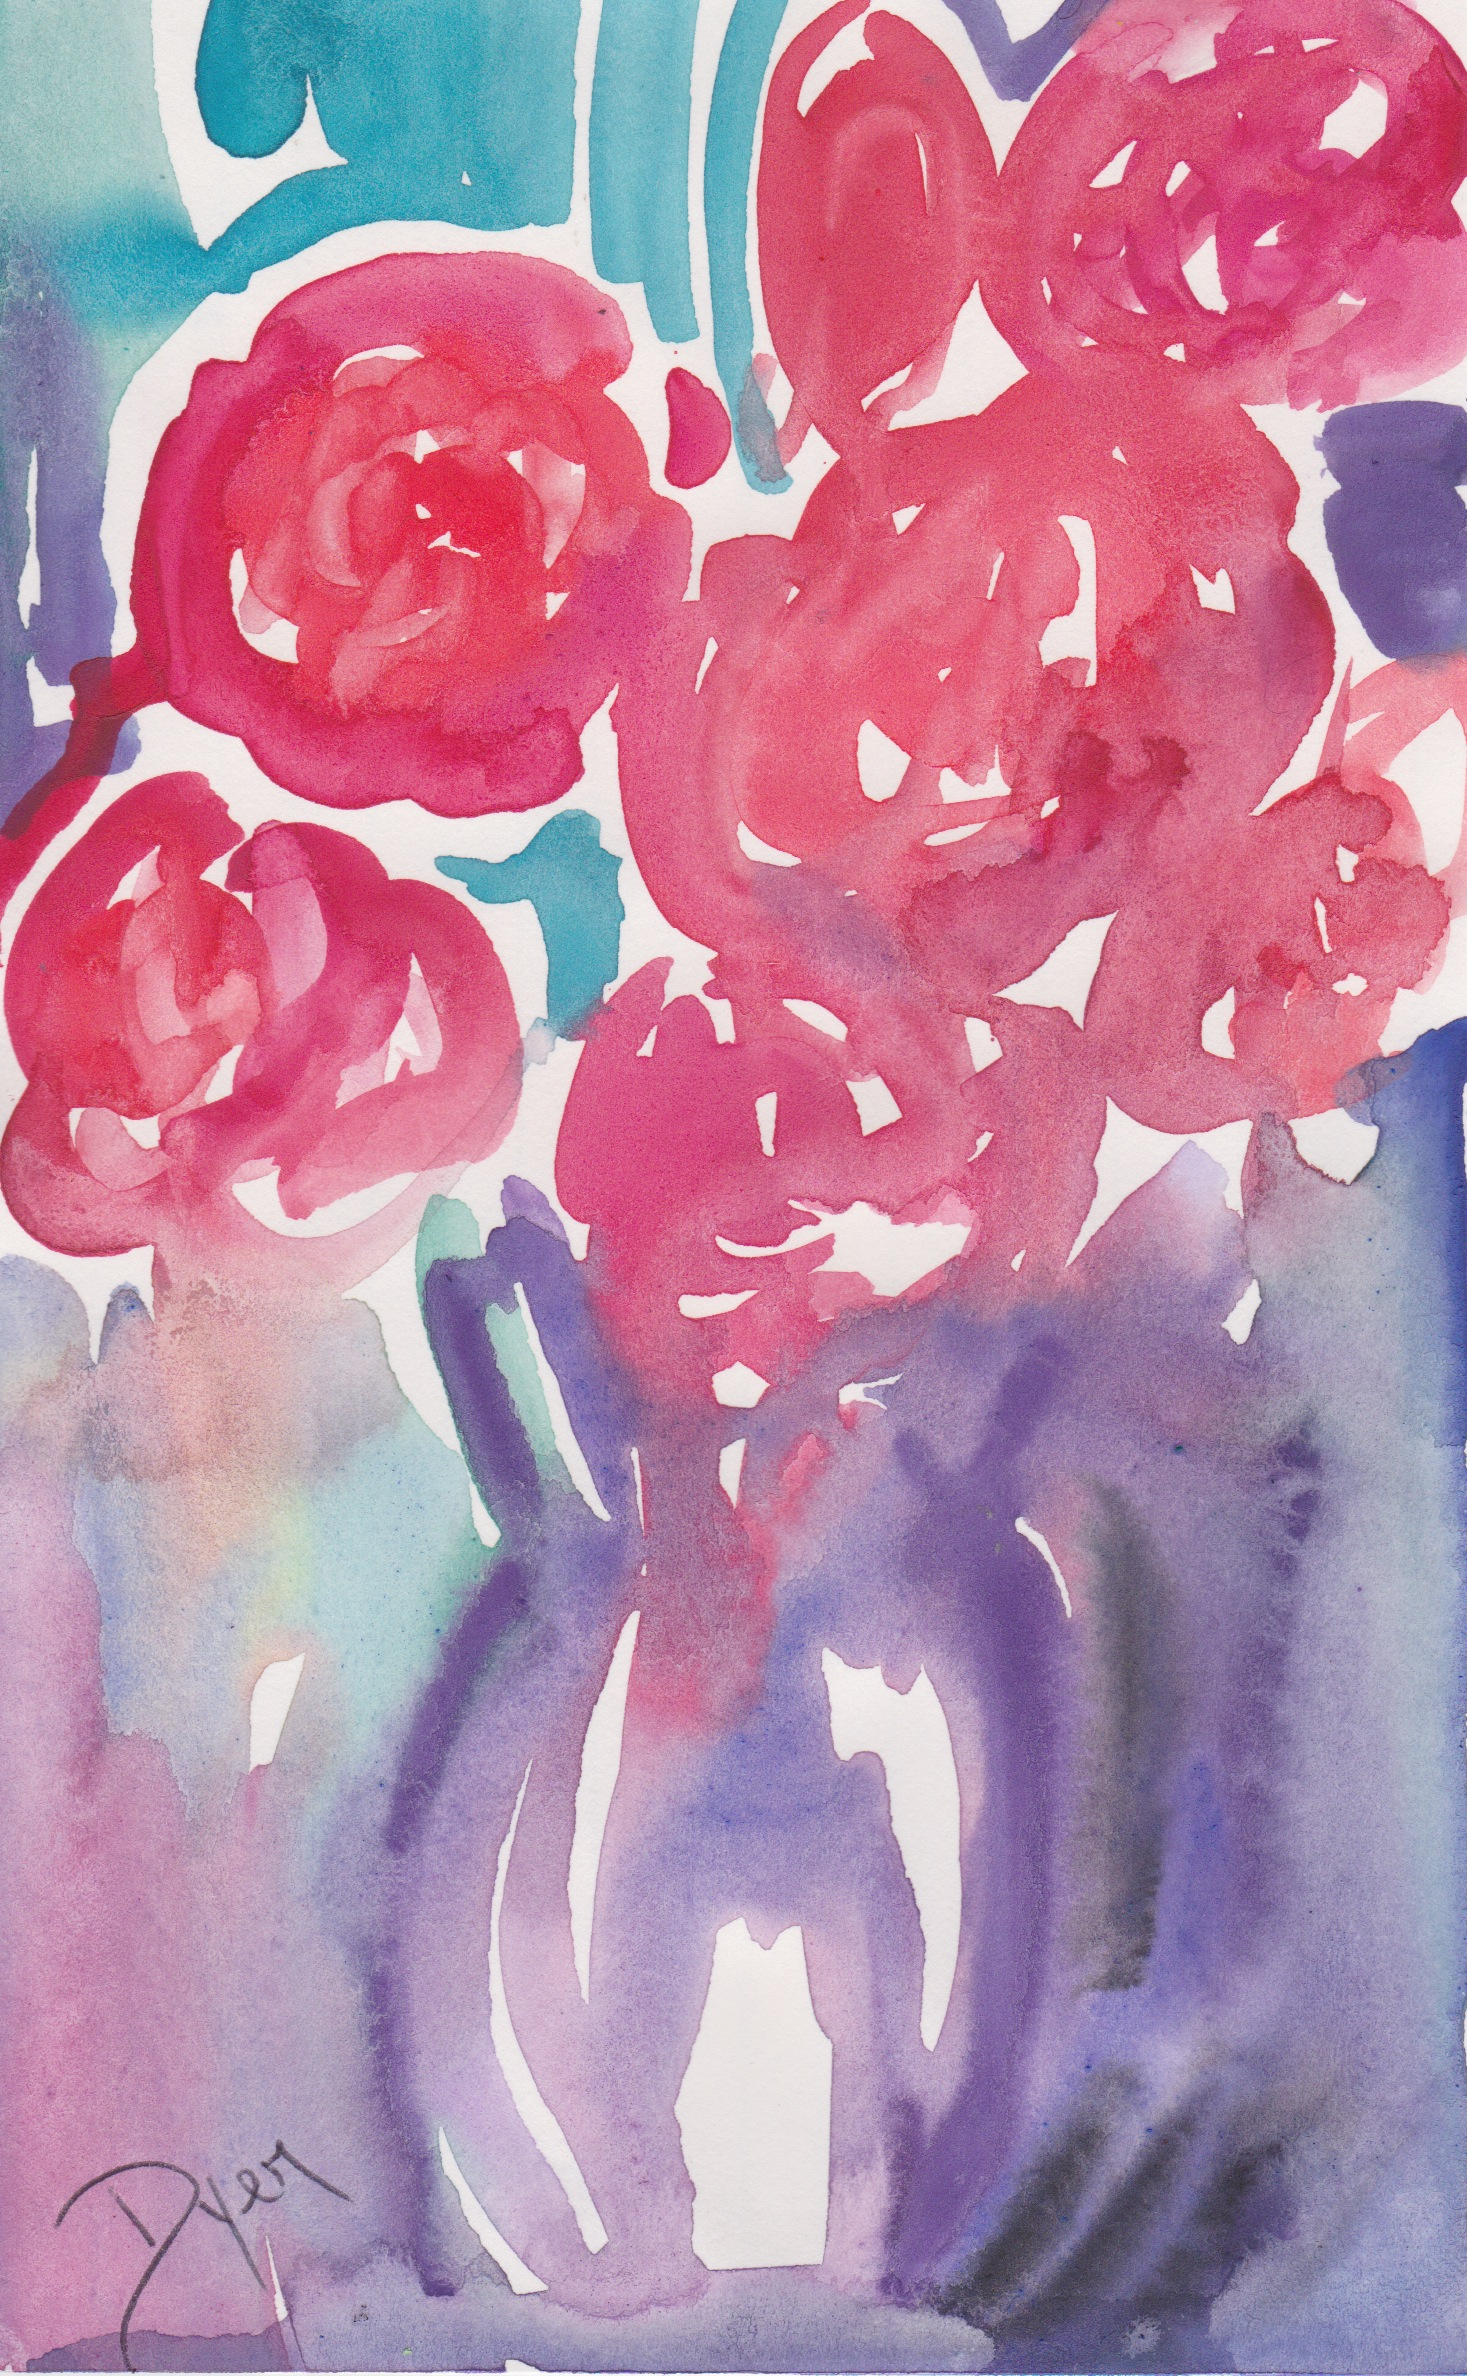 index-card-roses-916